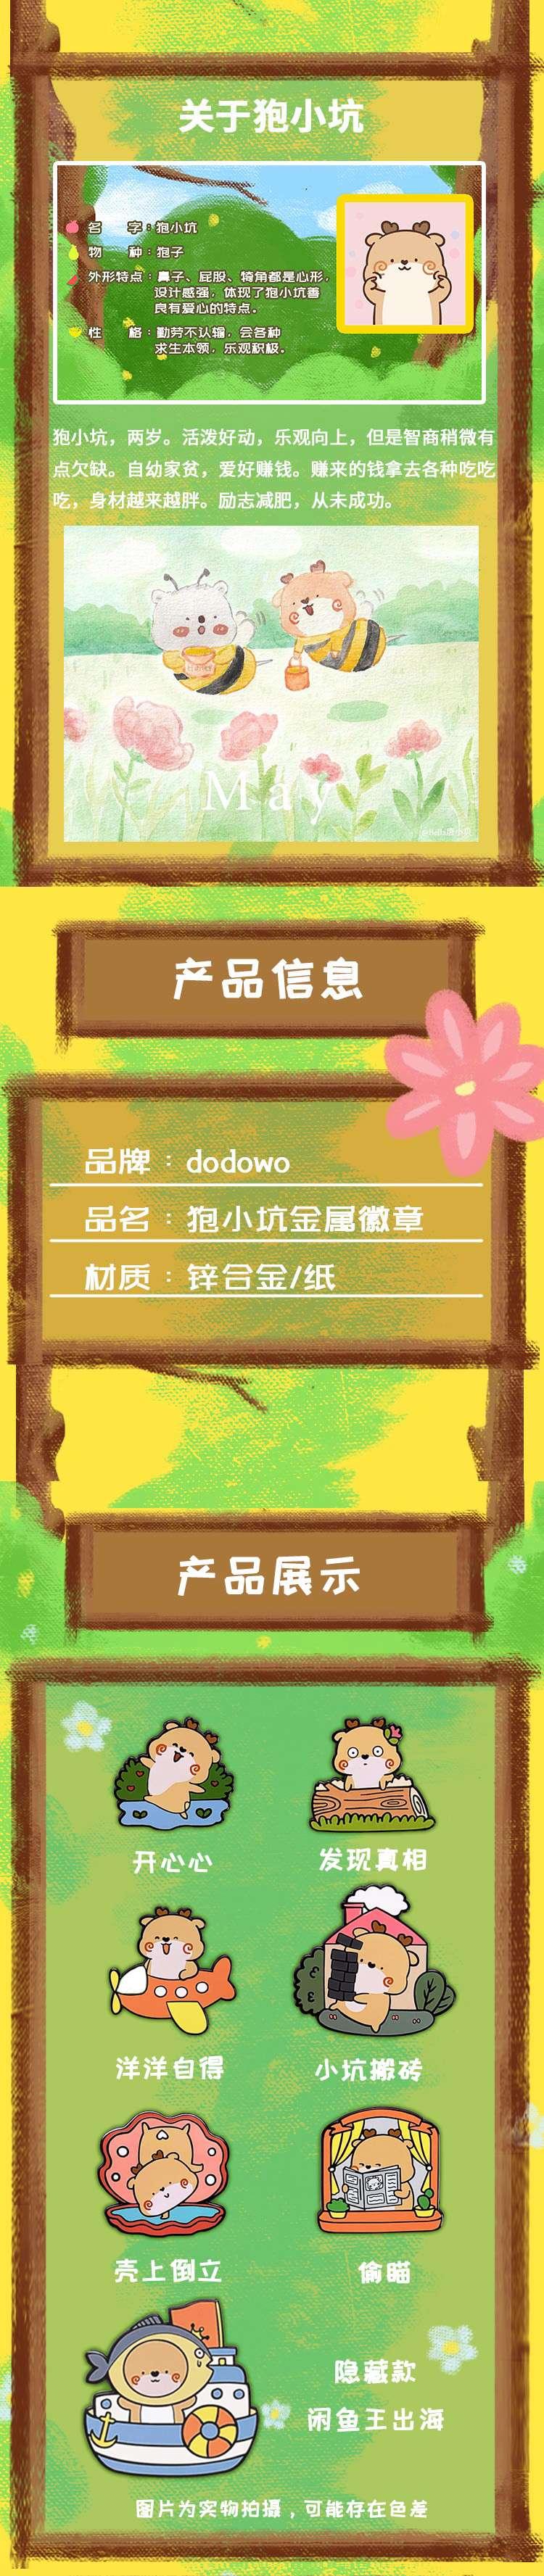 徽章串图_02.jpg